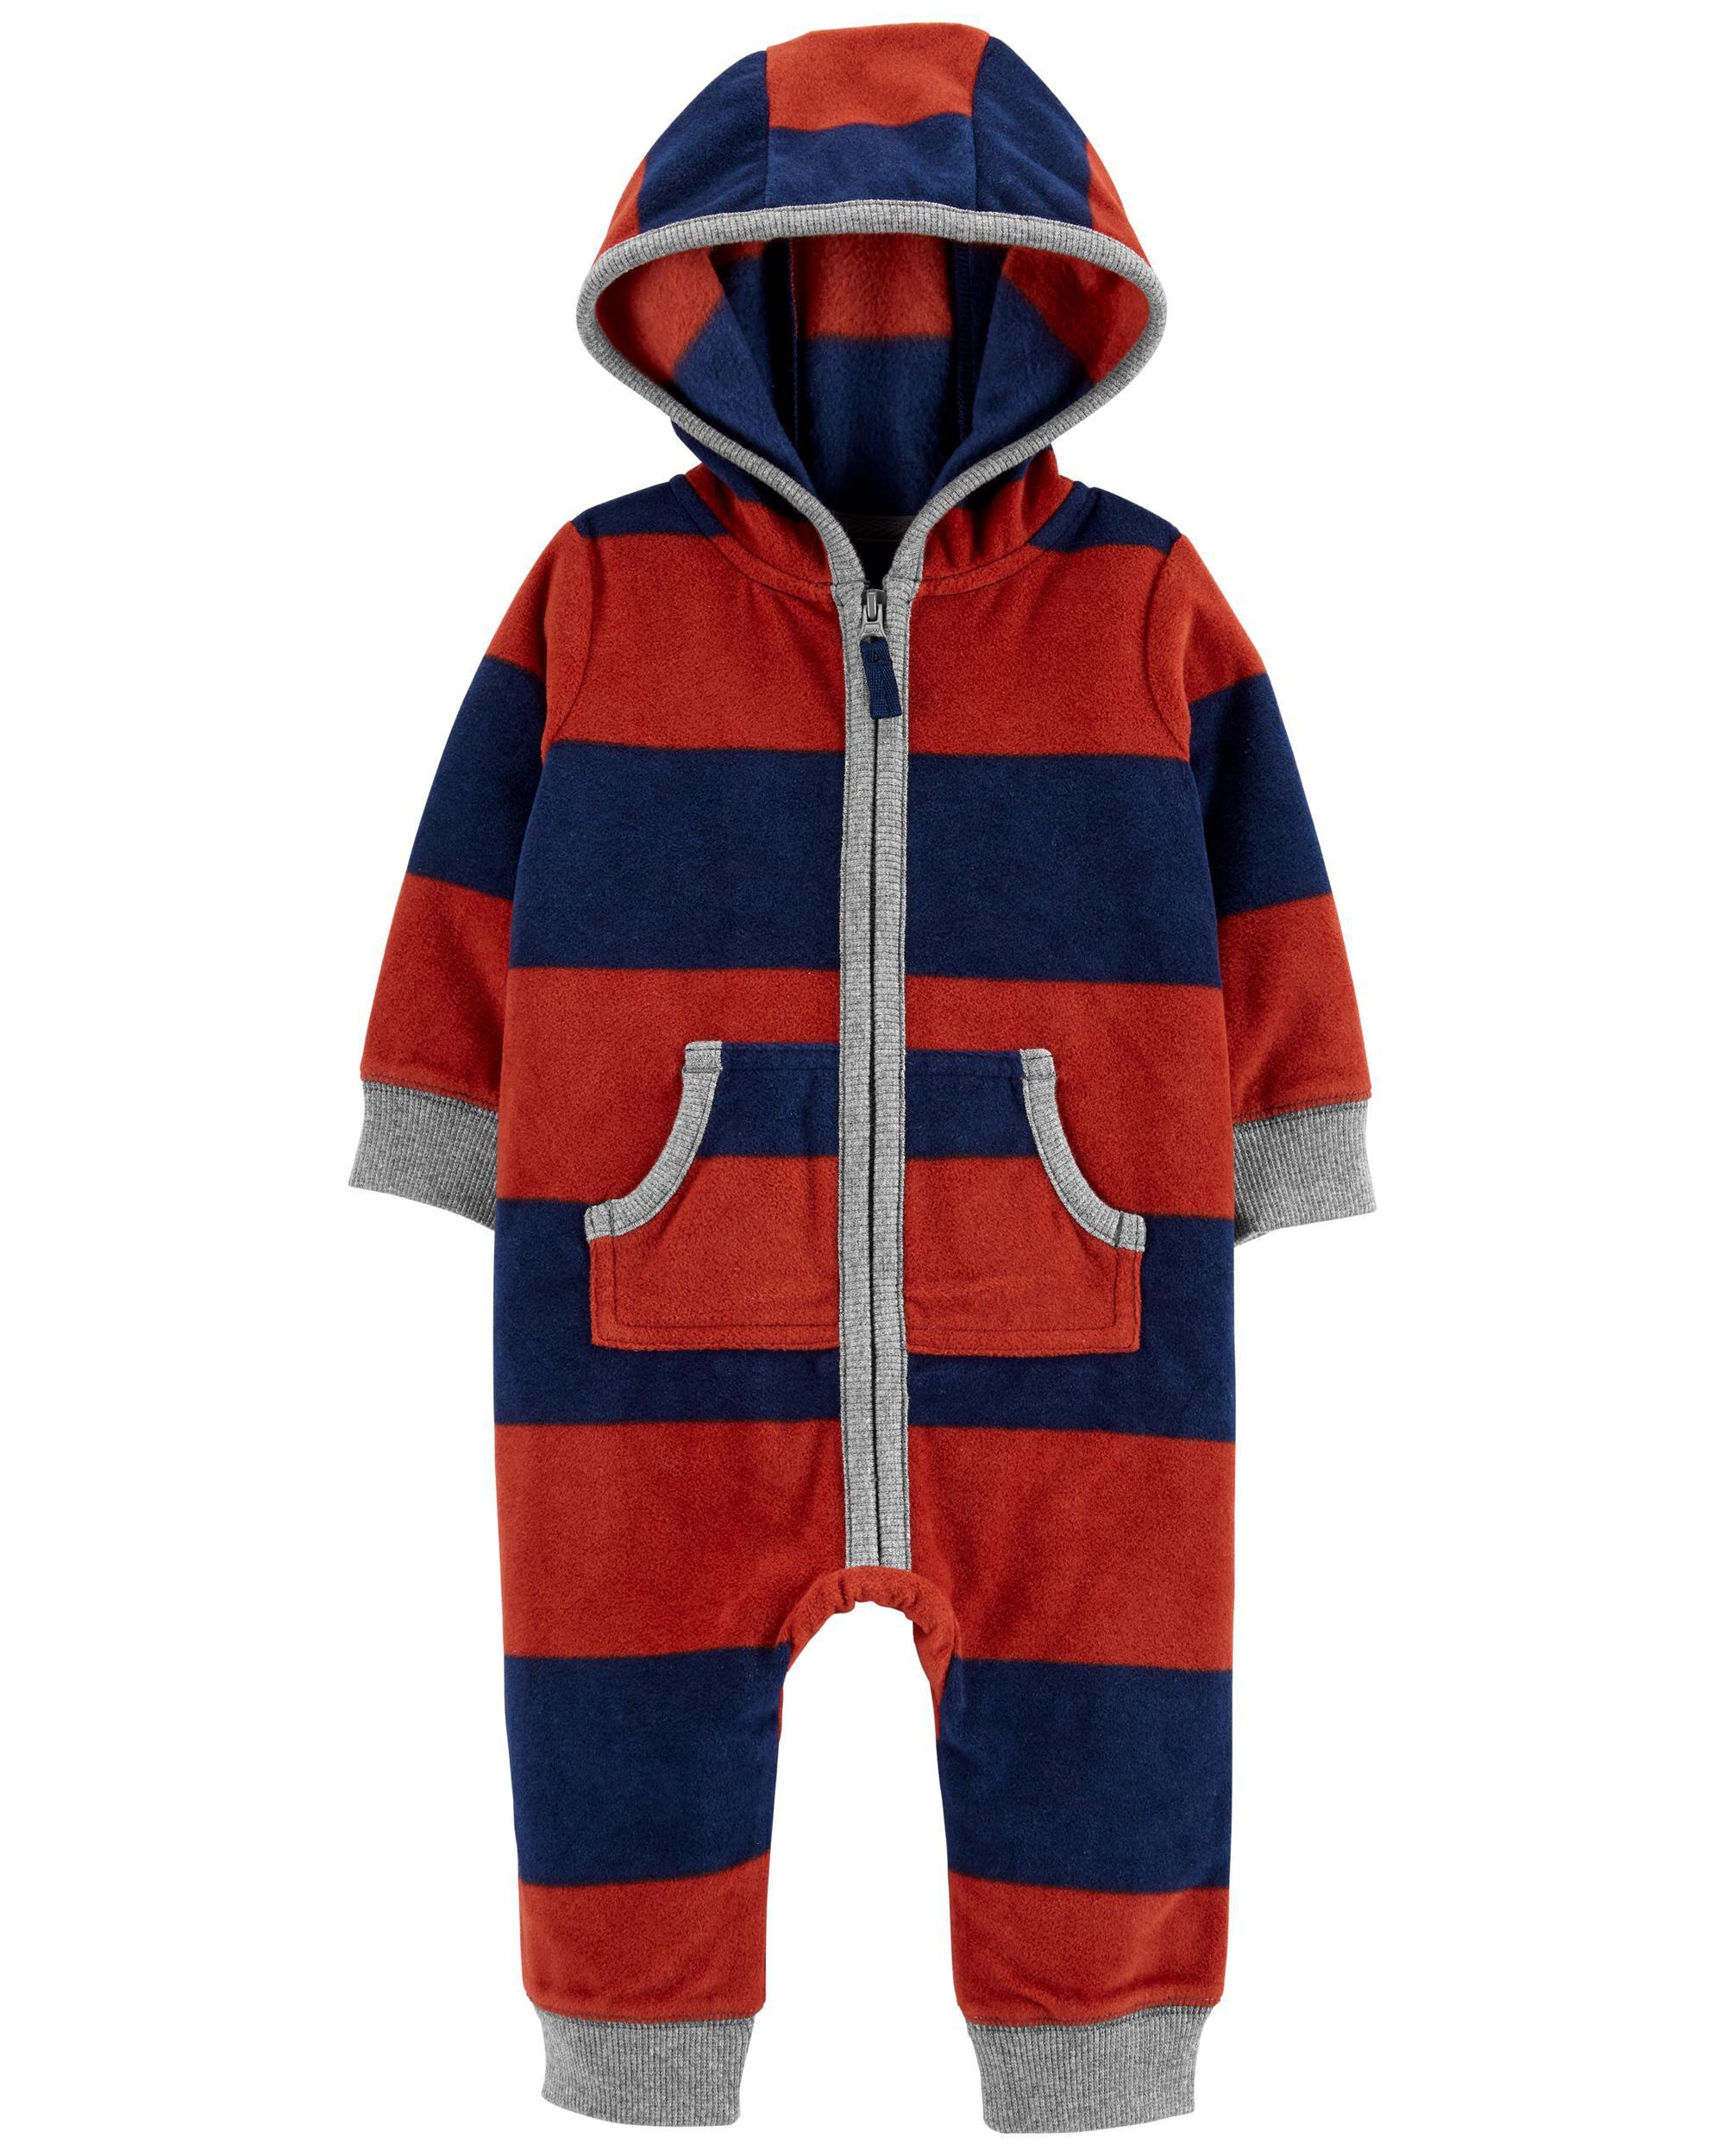 *CLEARANCE*Raccoon Zip-Up Fleece Jumpsuit